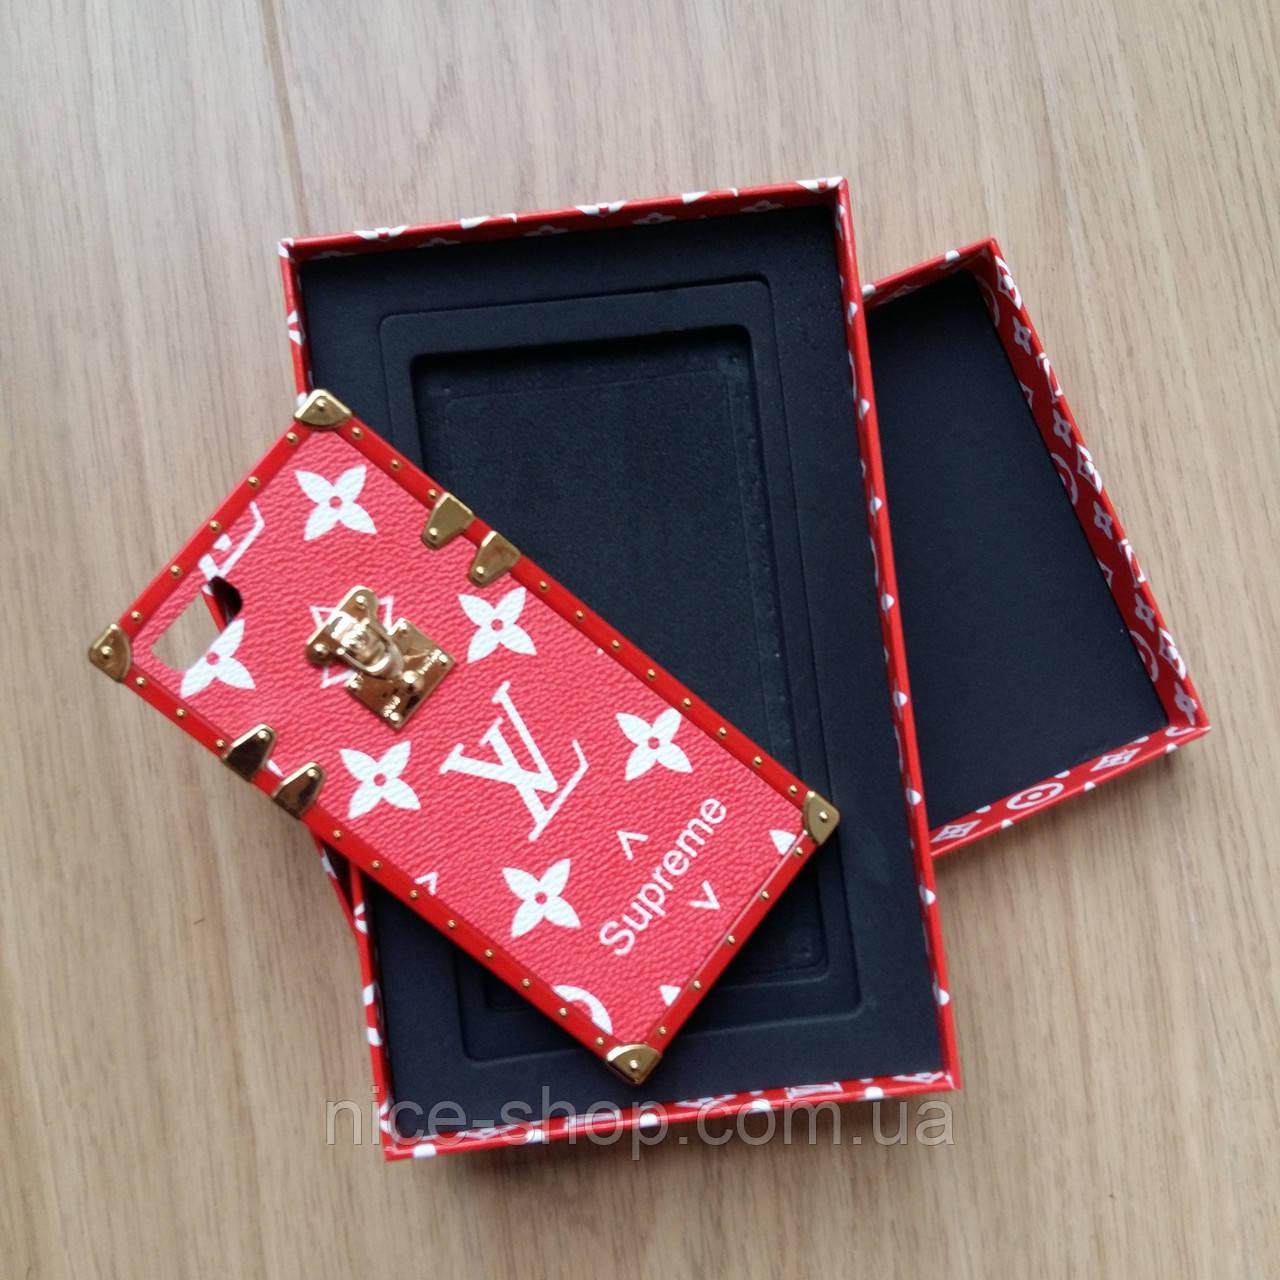 19713b1a12f0 Чехол для Iphone 6 Louis Vuitton Supreme красный в подарочной коробке